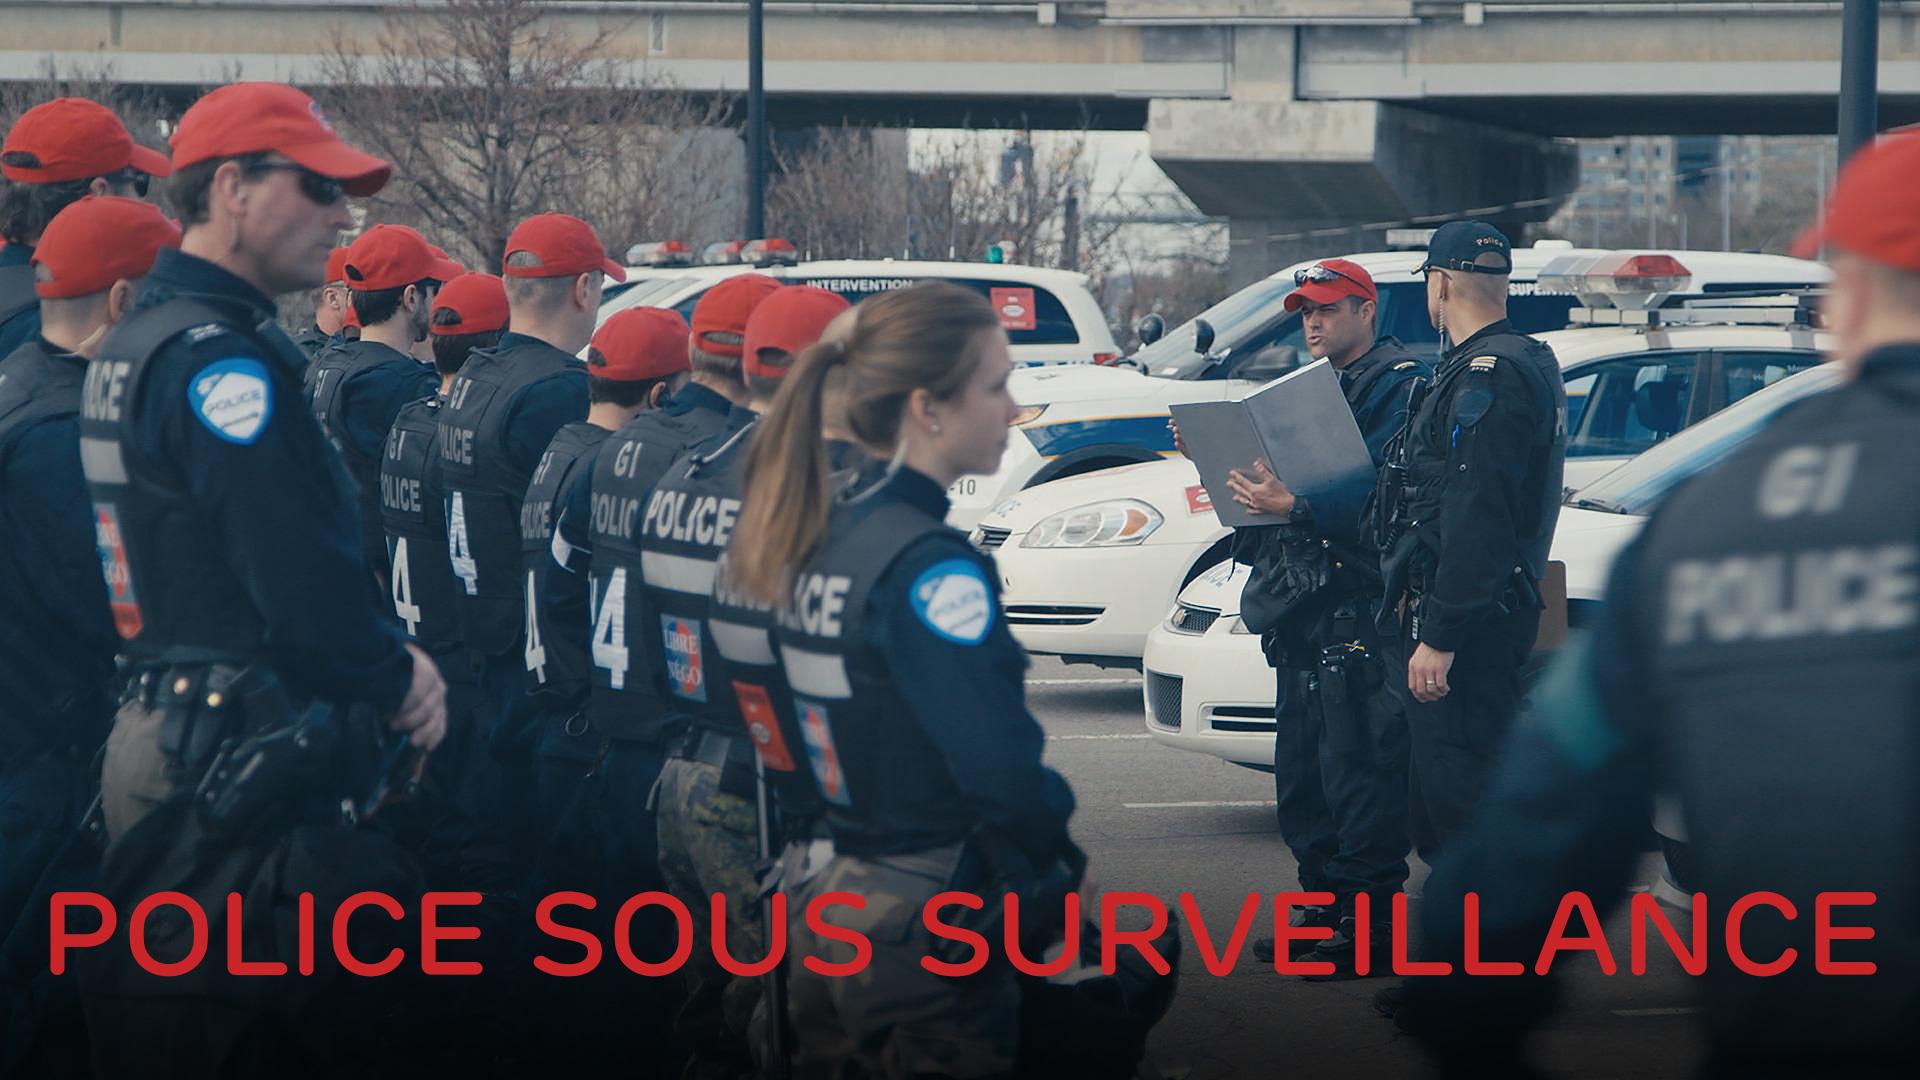 Les policiers d'aujourd'hui font face à une nouvelle réalité : la pression sociale par des citoyens qui les ont à l'œil